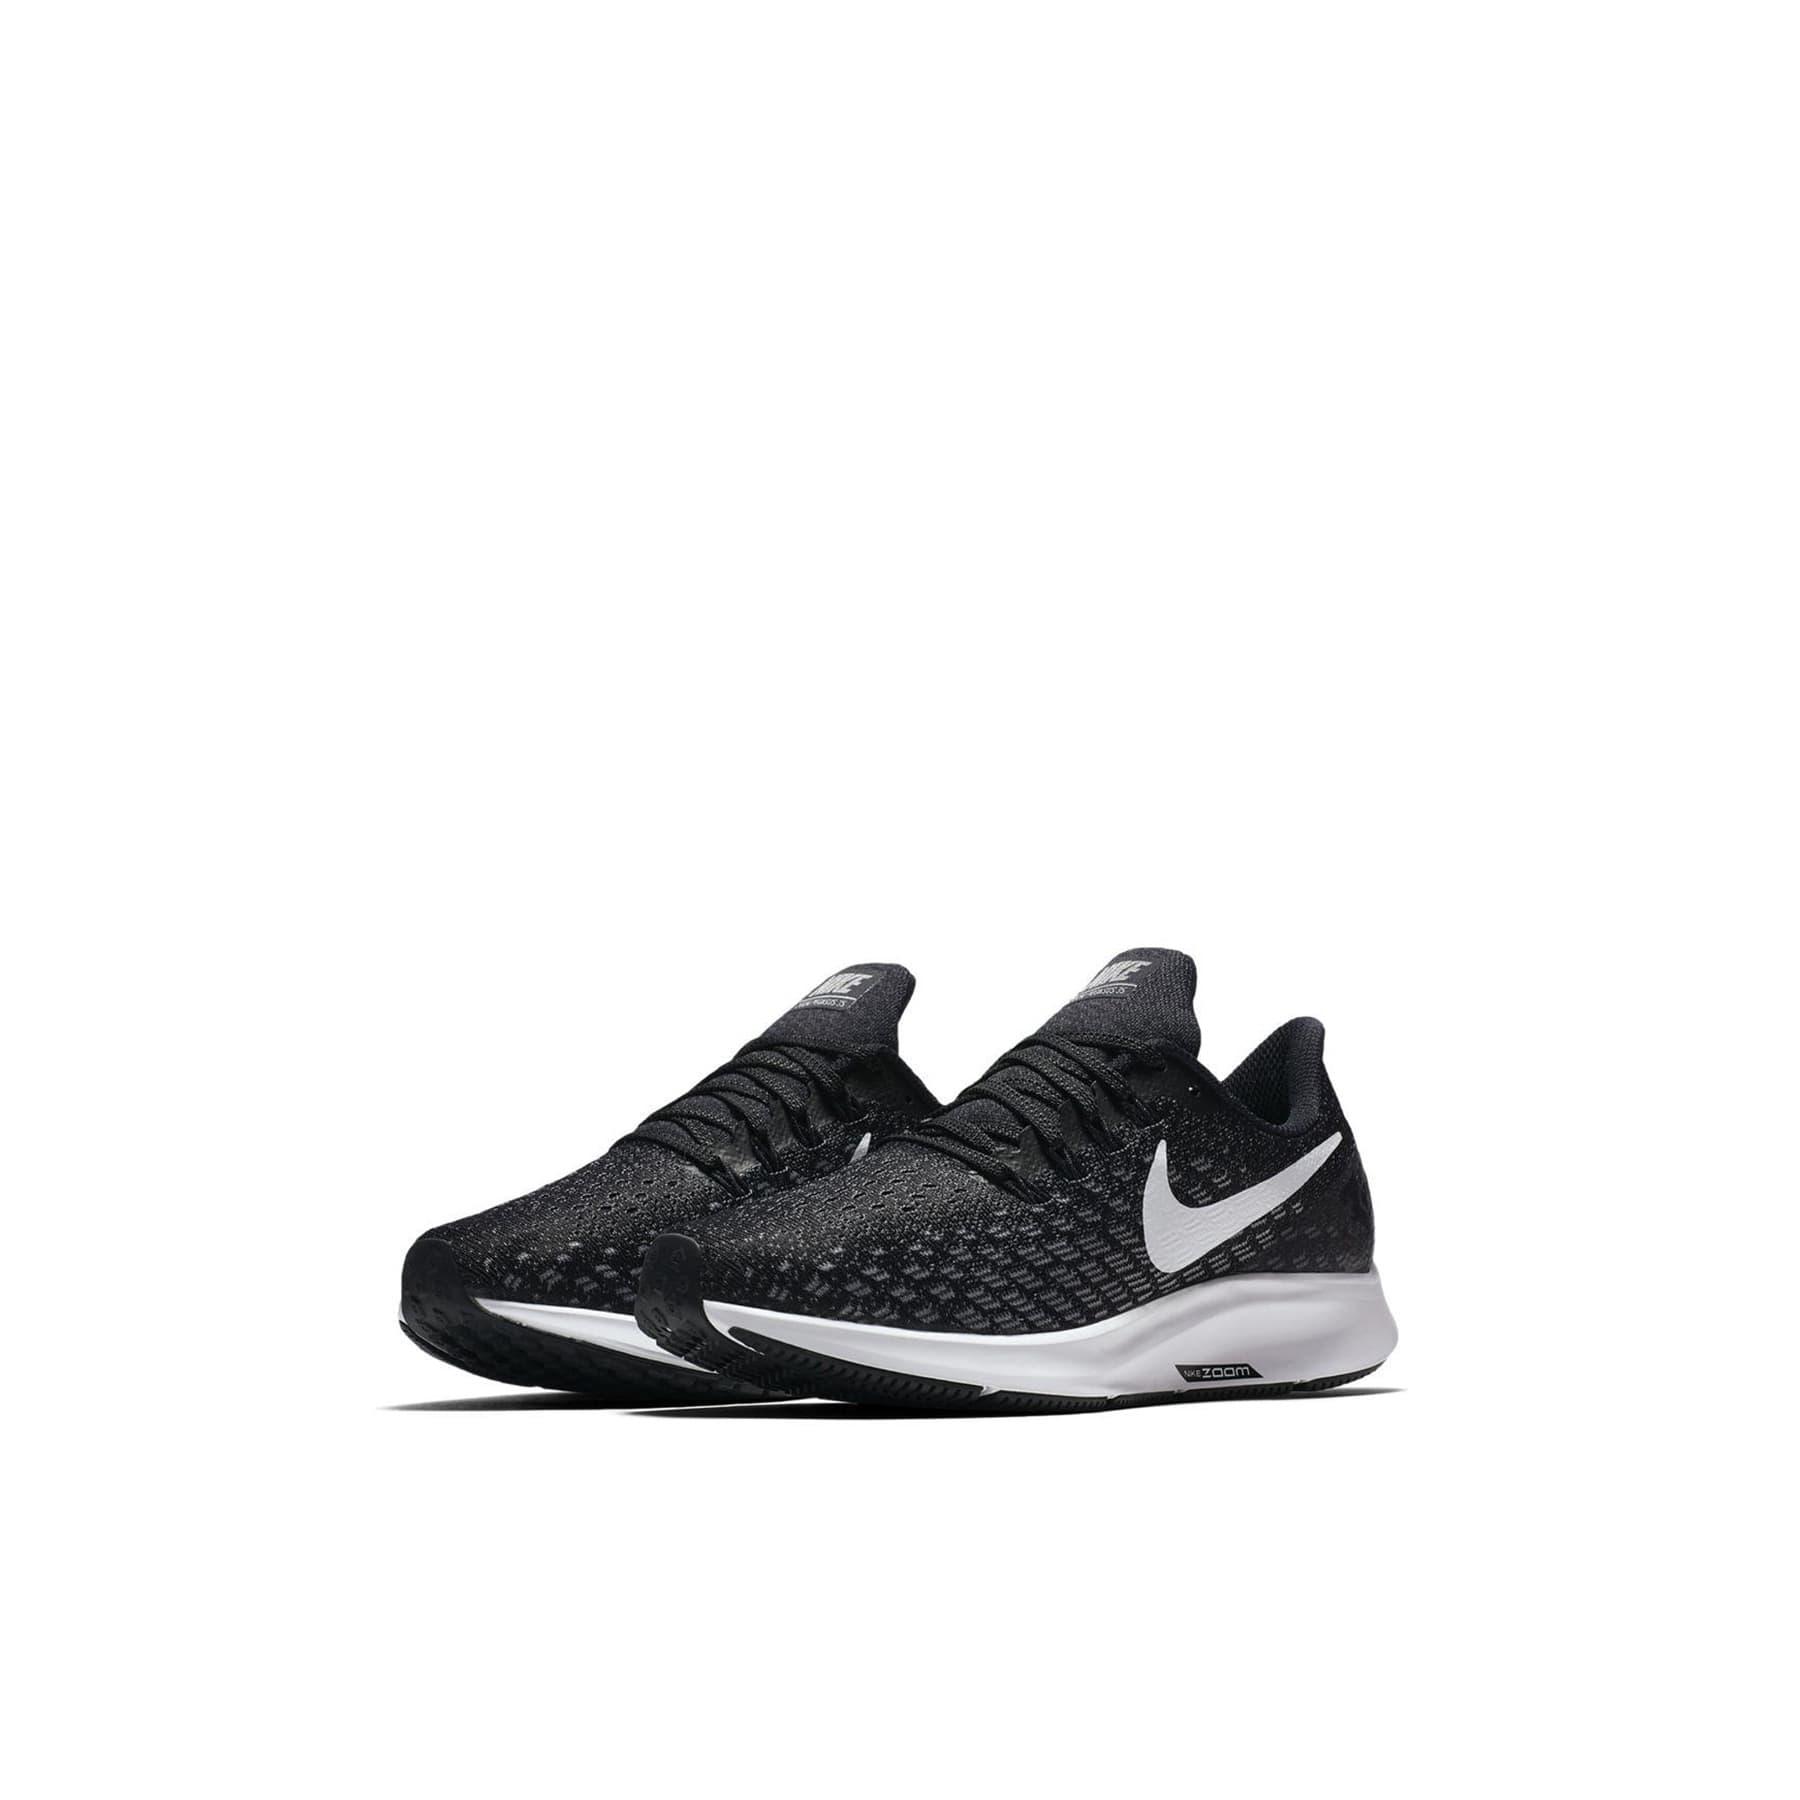 Air Zoom Pegasus 35 Kadın Siyah Koşu Ayakkabısı (942855-001)